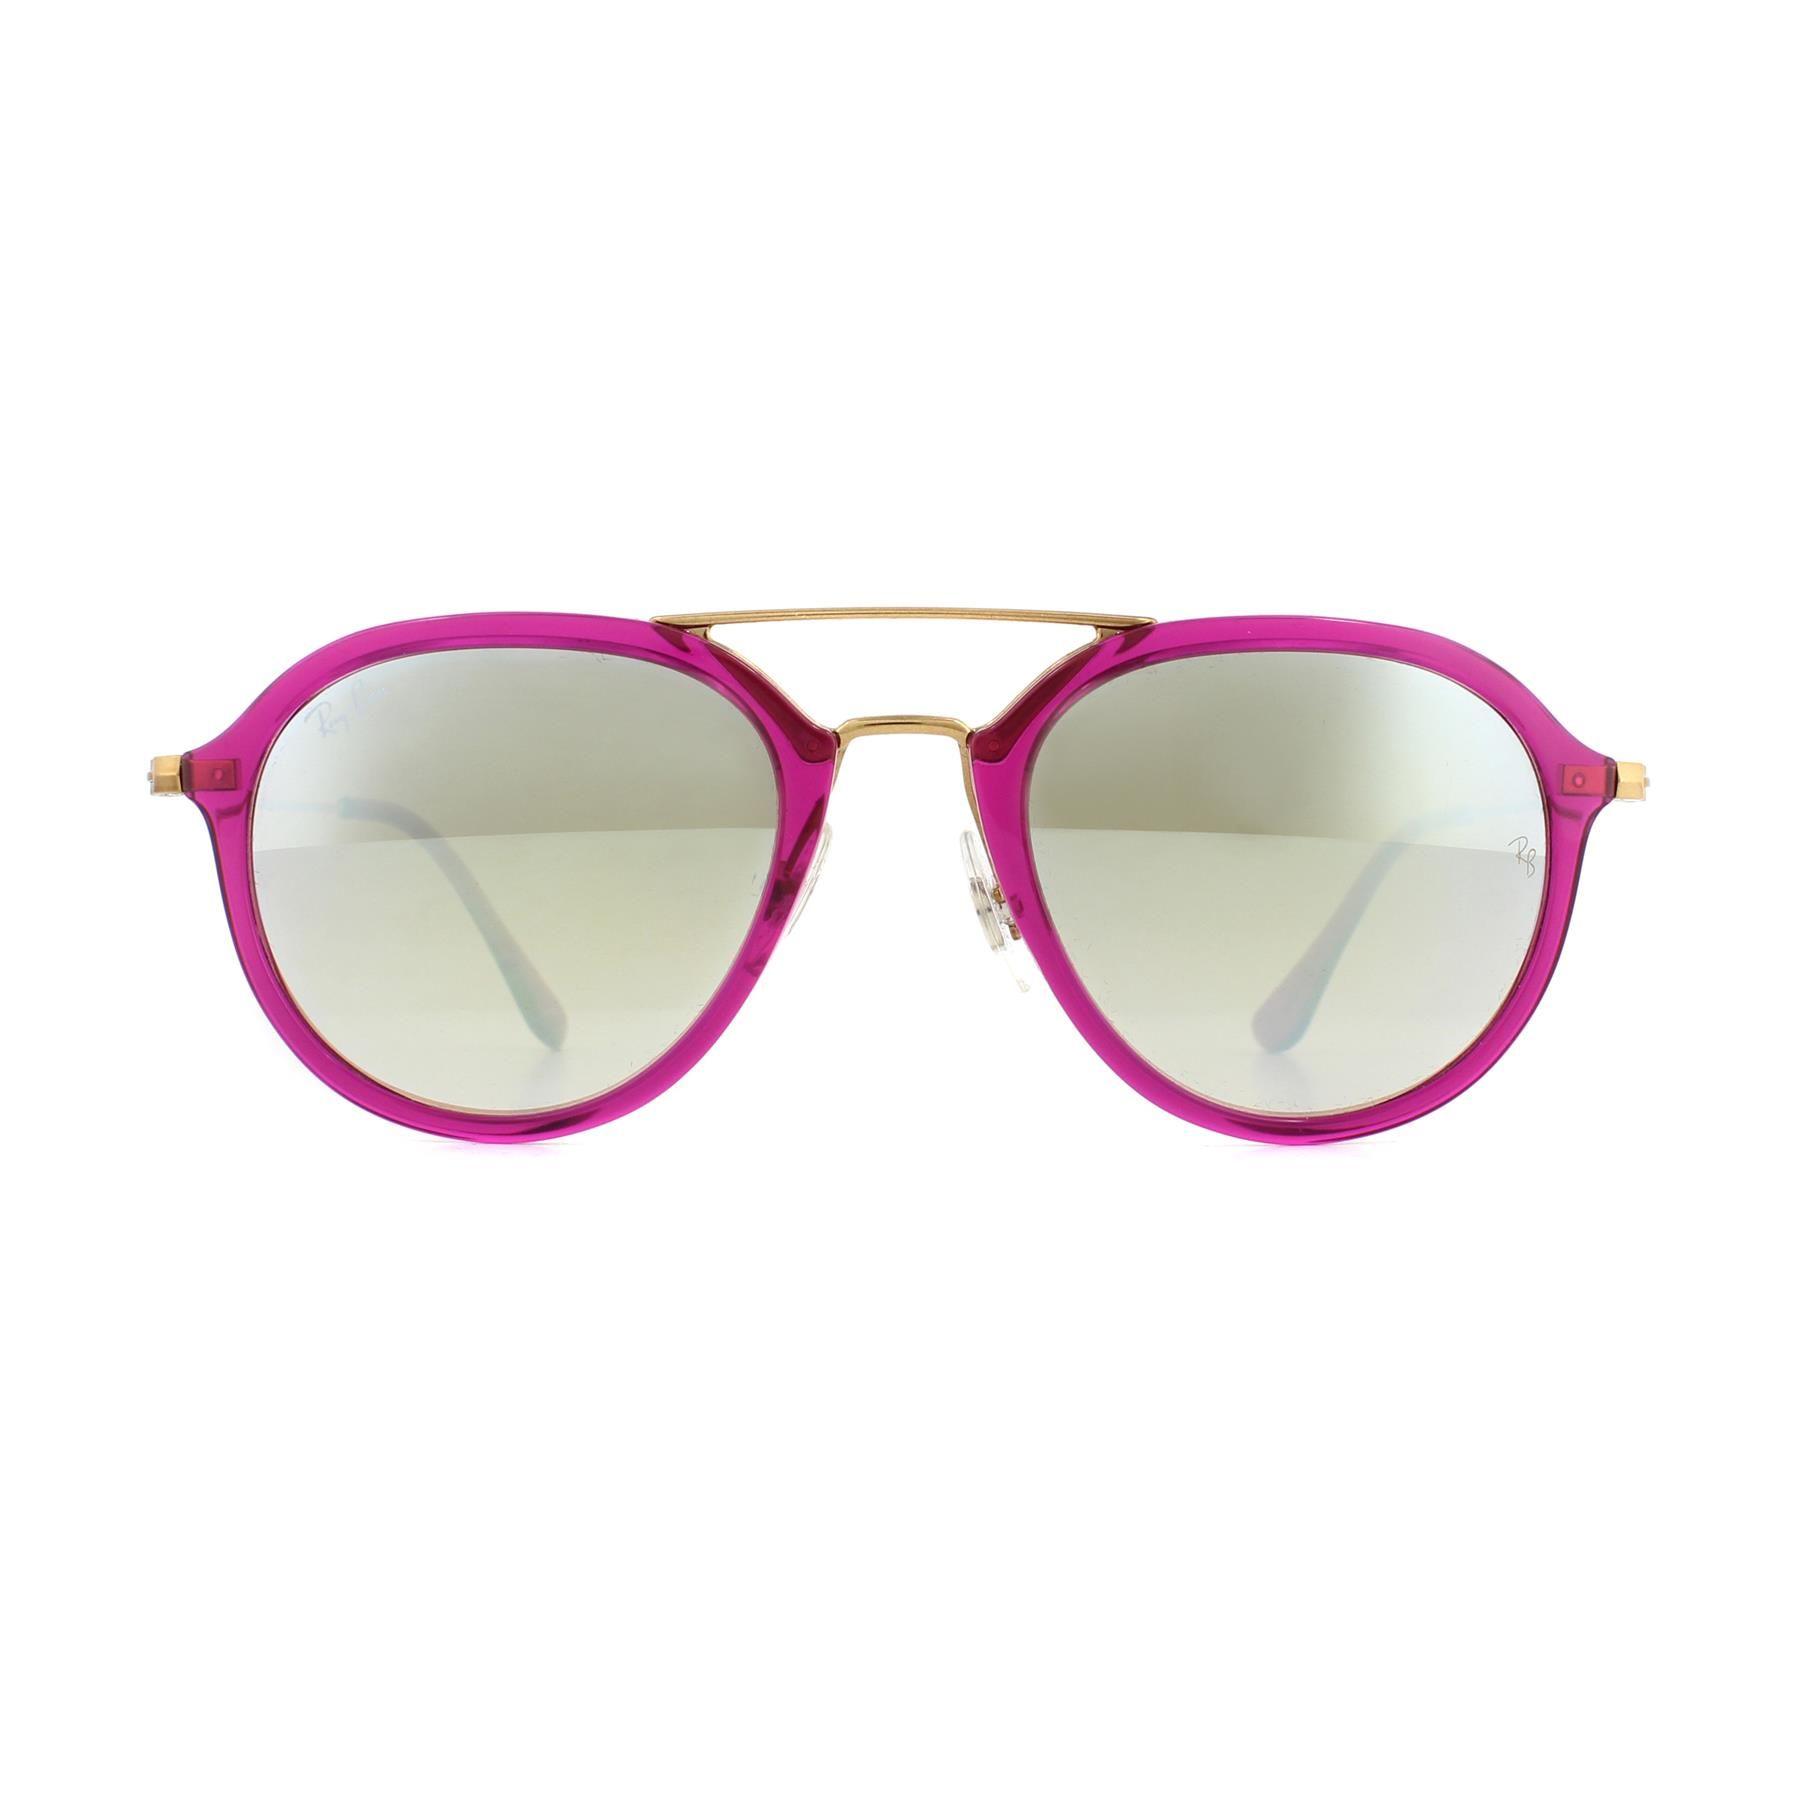 Ray-Ban Sunglasses 4253 62359U Purple Reddish Bronze Copper Silver Gradient Mirror